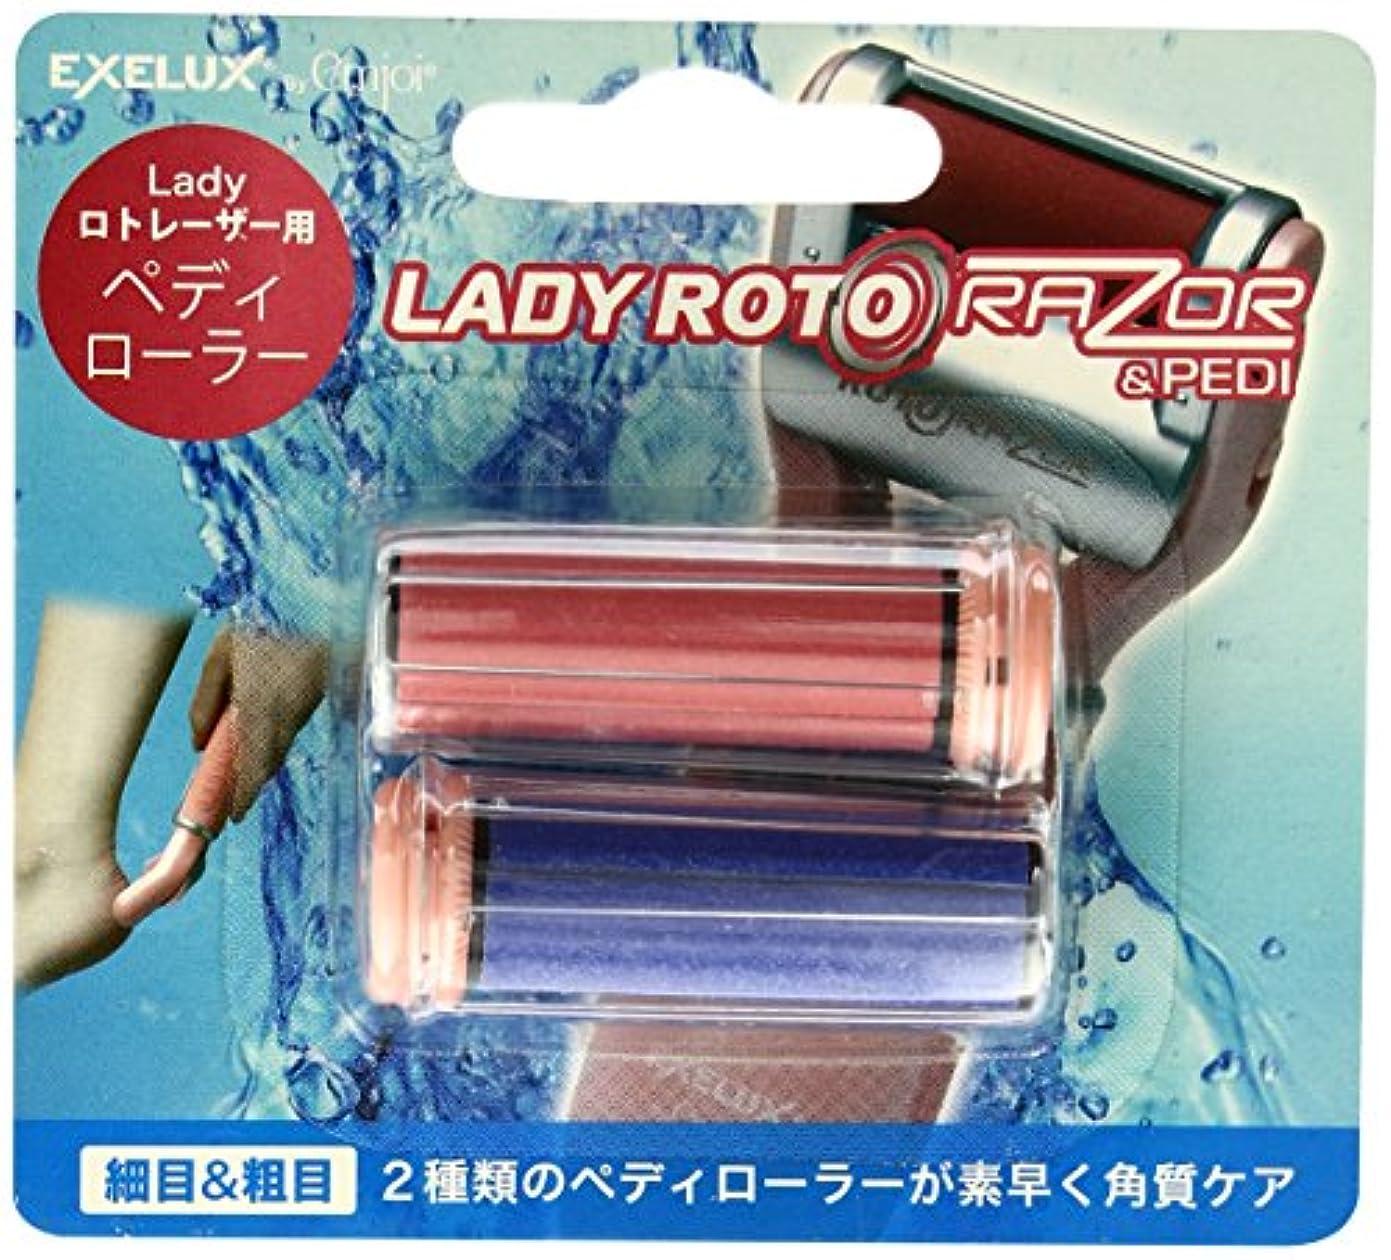 純正策定する杭metex Lady ロトレーザー & Pedi用ペディローラー EJRR-LP2